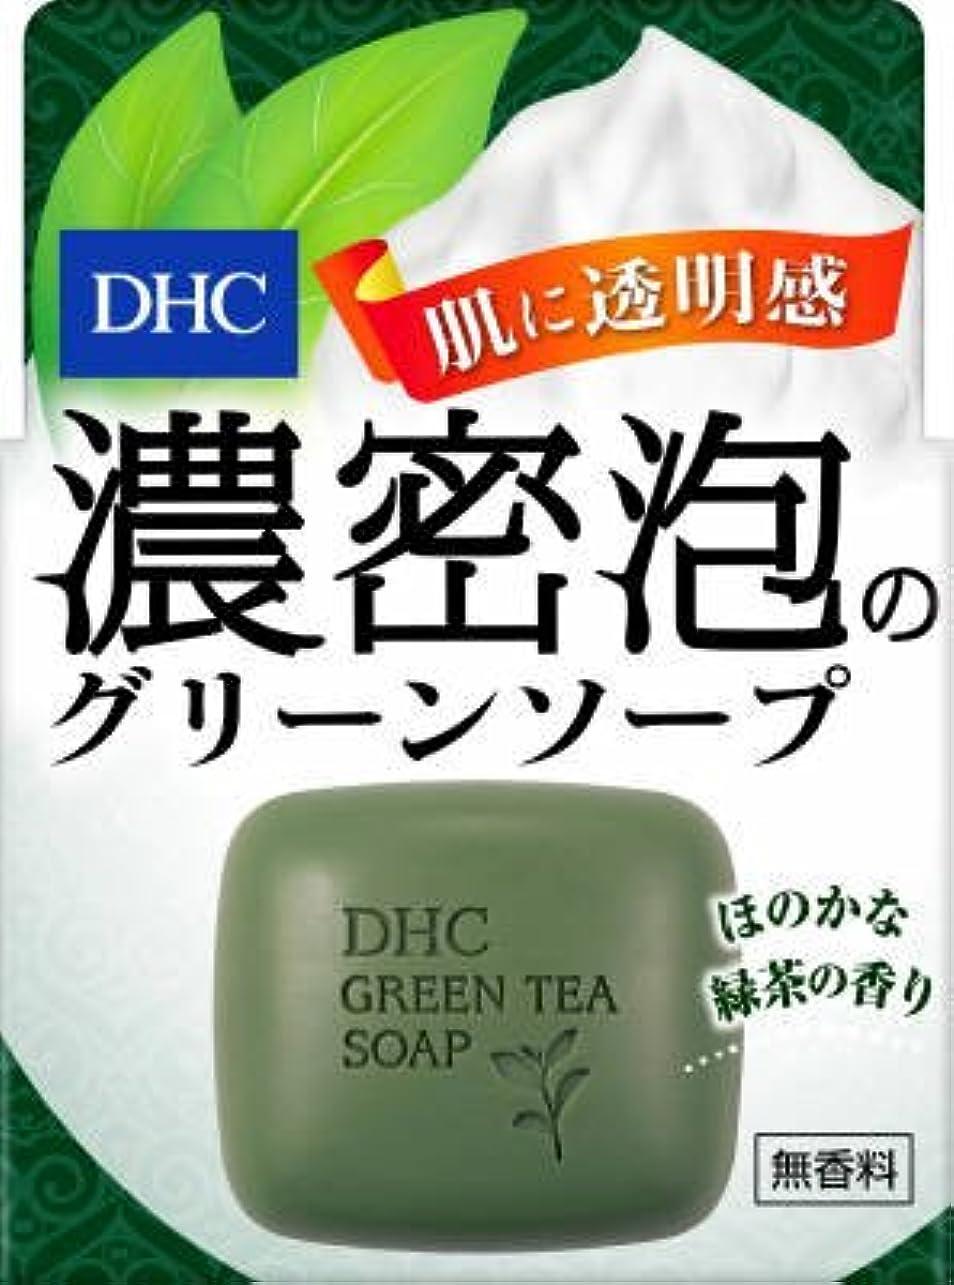 内陸子供達お客様DHCグリーンソープ(SS)60g 国産茶葉使用の洗顔石鹸 緑茶石けん(DHC人気79位)×30点セット (4511413306826)